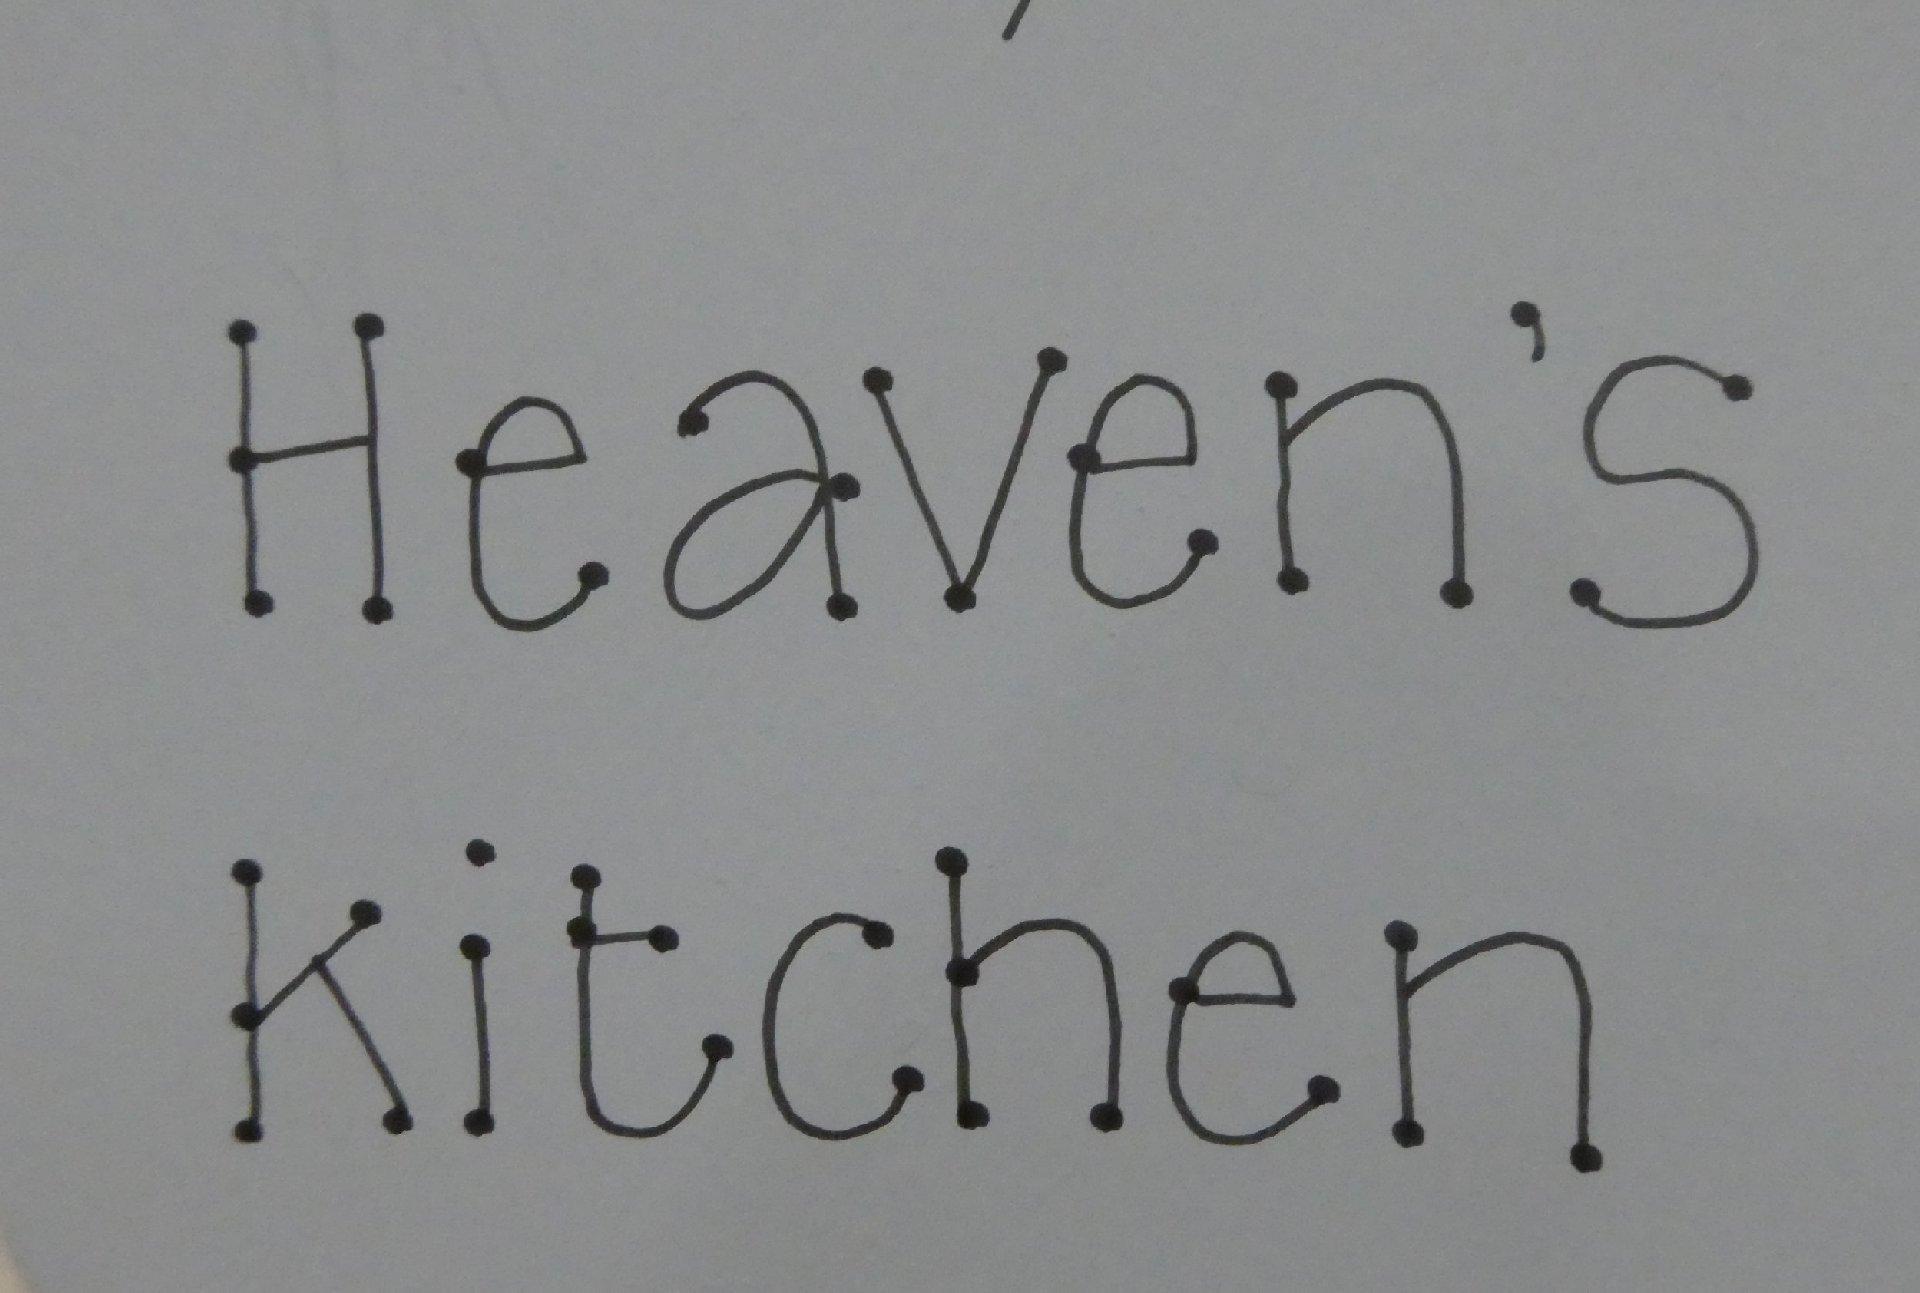 Heavens Kitchen TGRS2